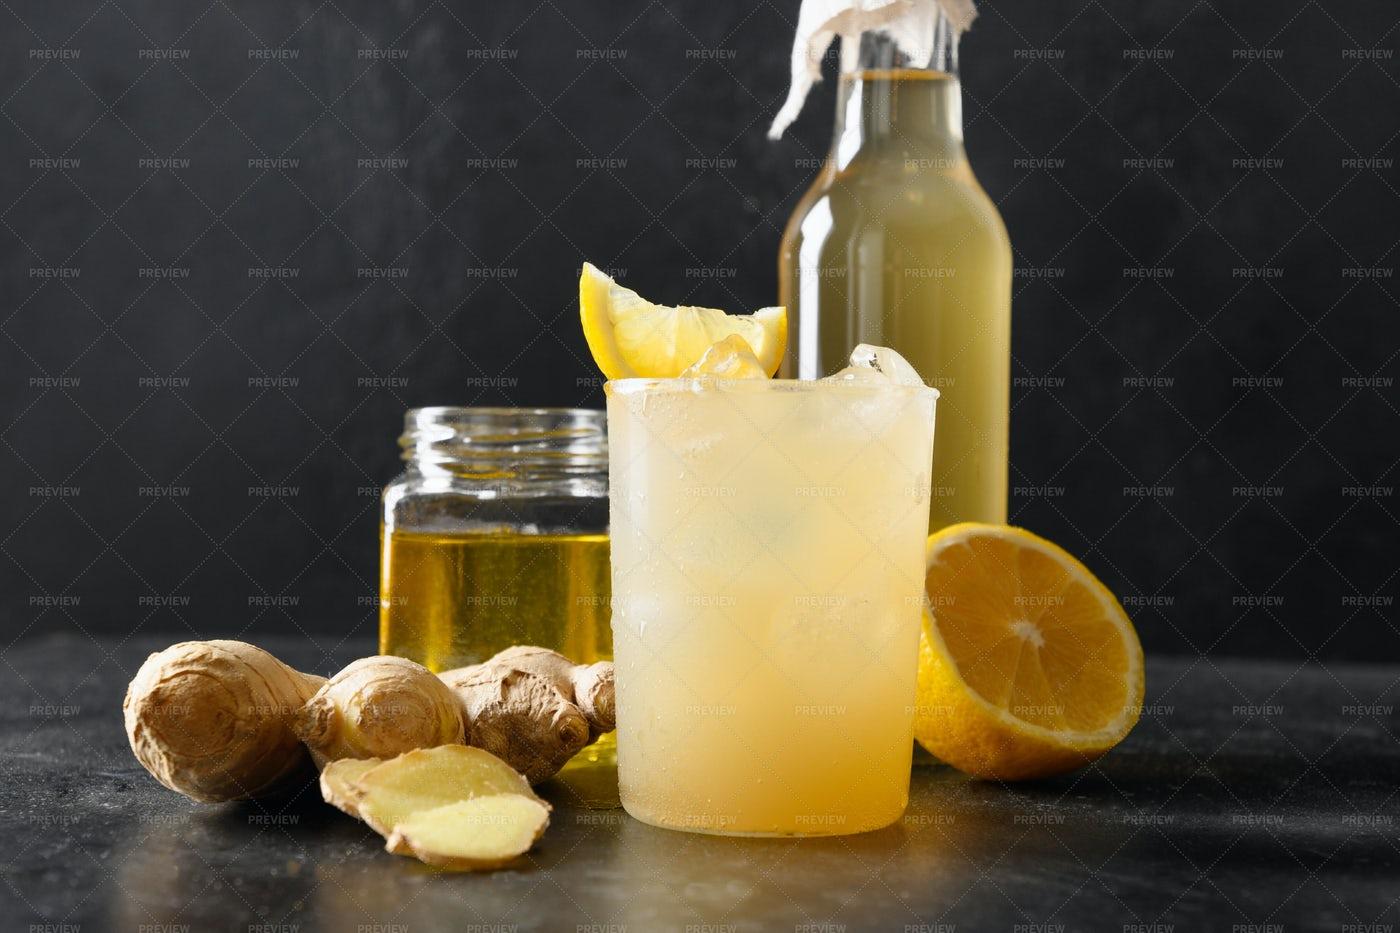 Homemade Kombucha Healthy Drink: Stock Photos